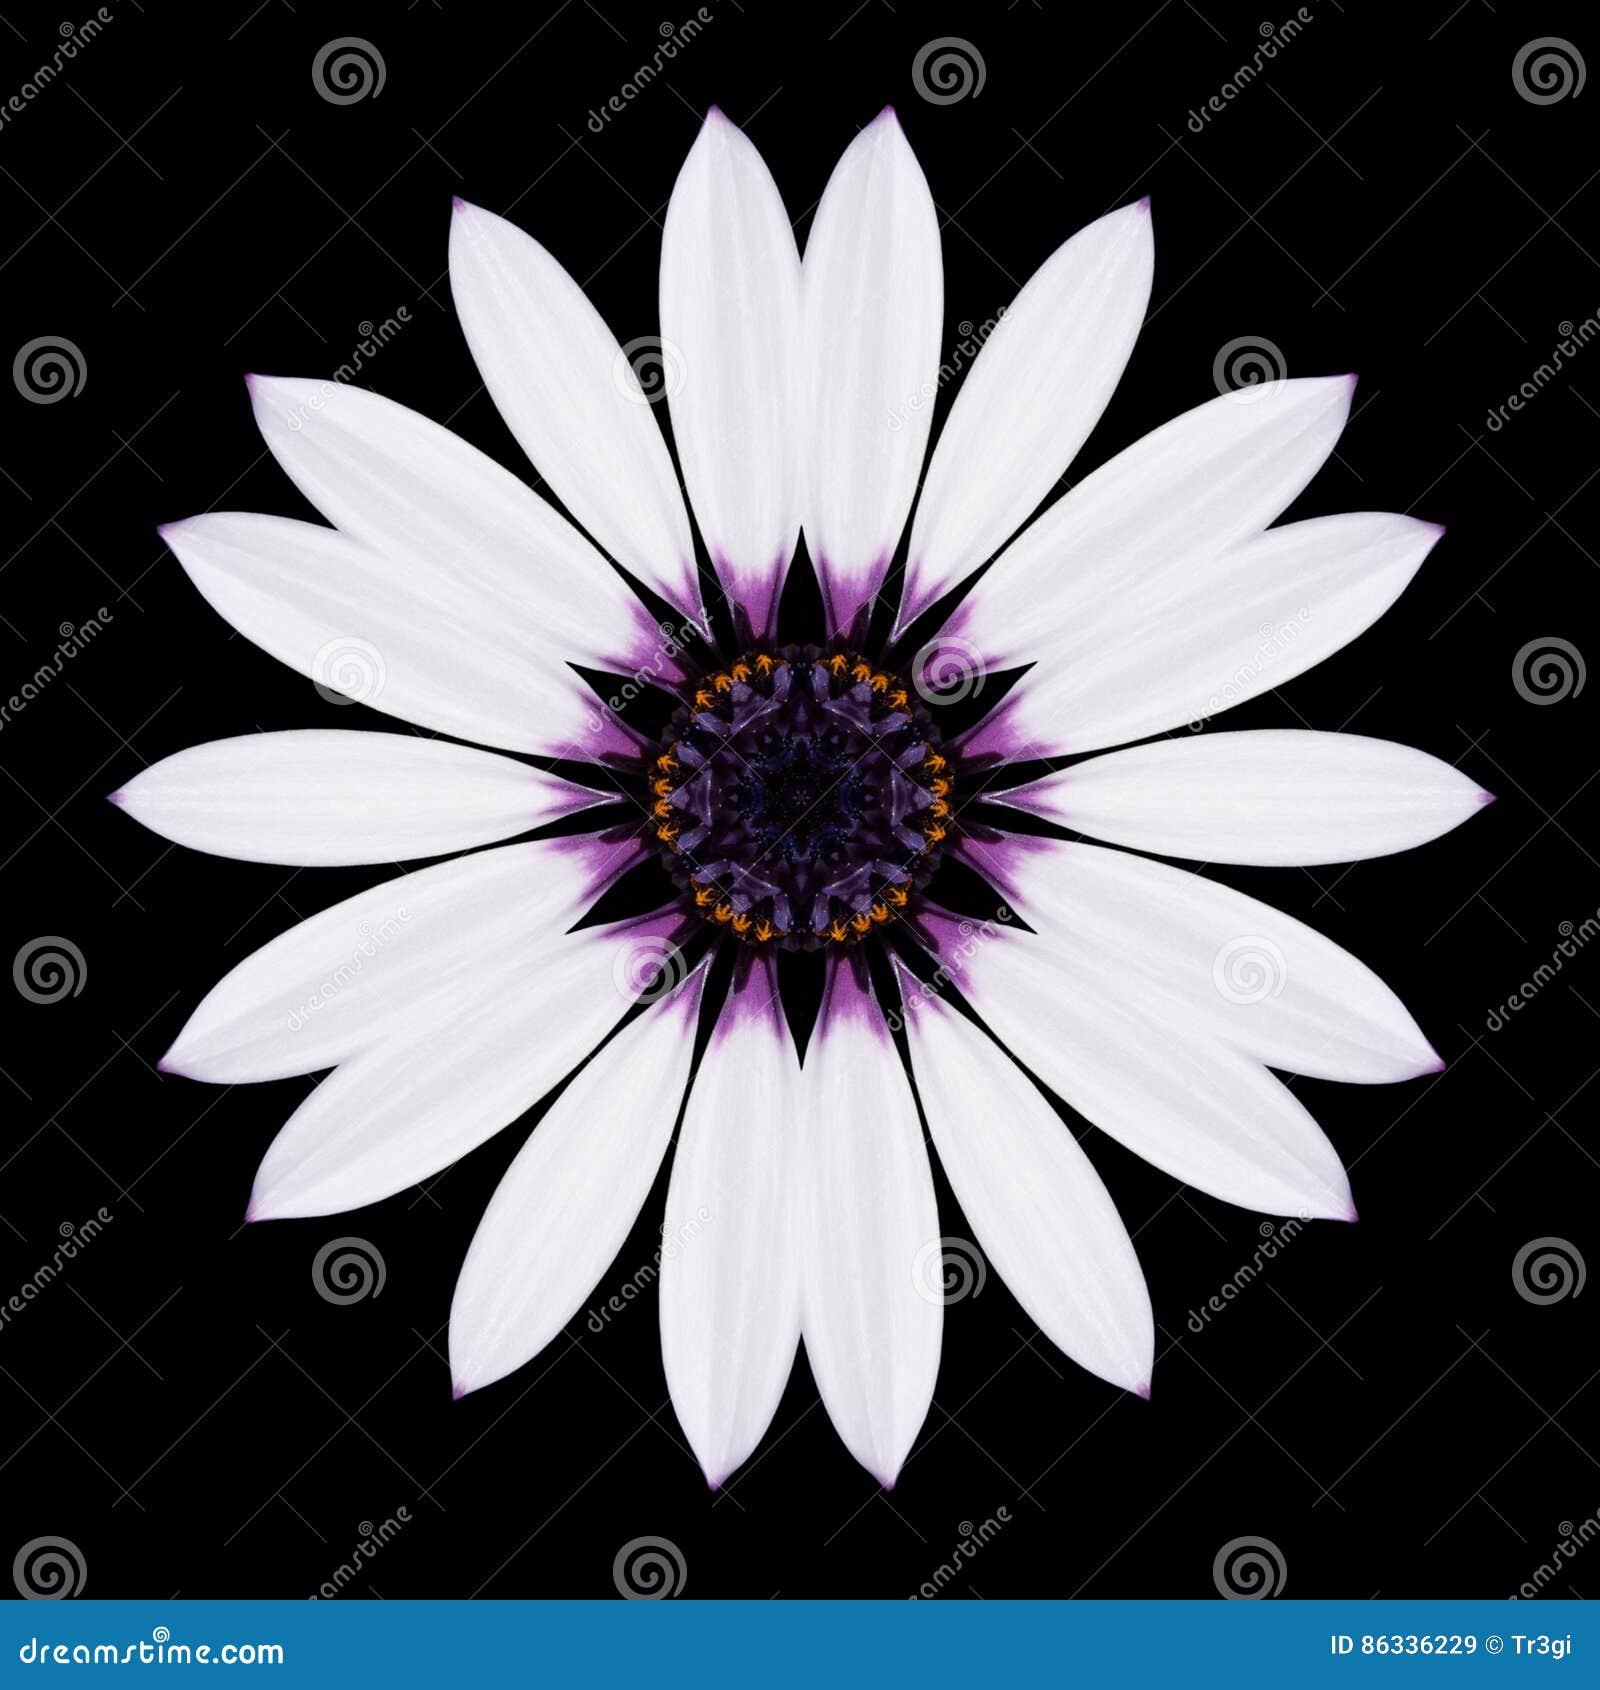 Flor blanca Mandala Kaleidoscope Isolated en negro